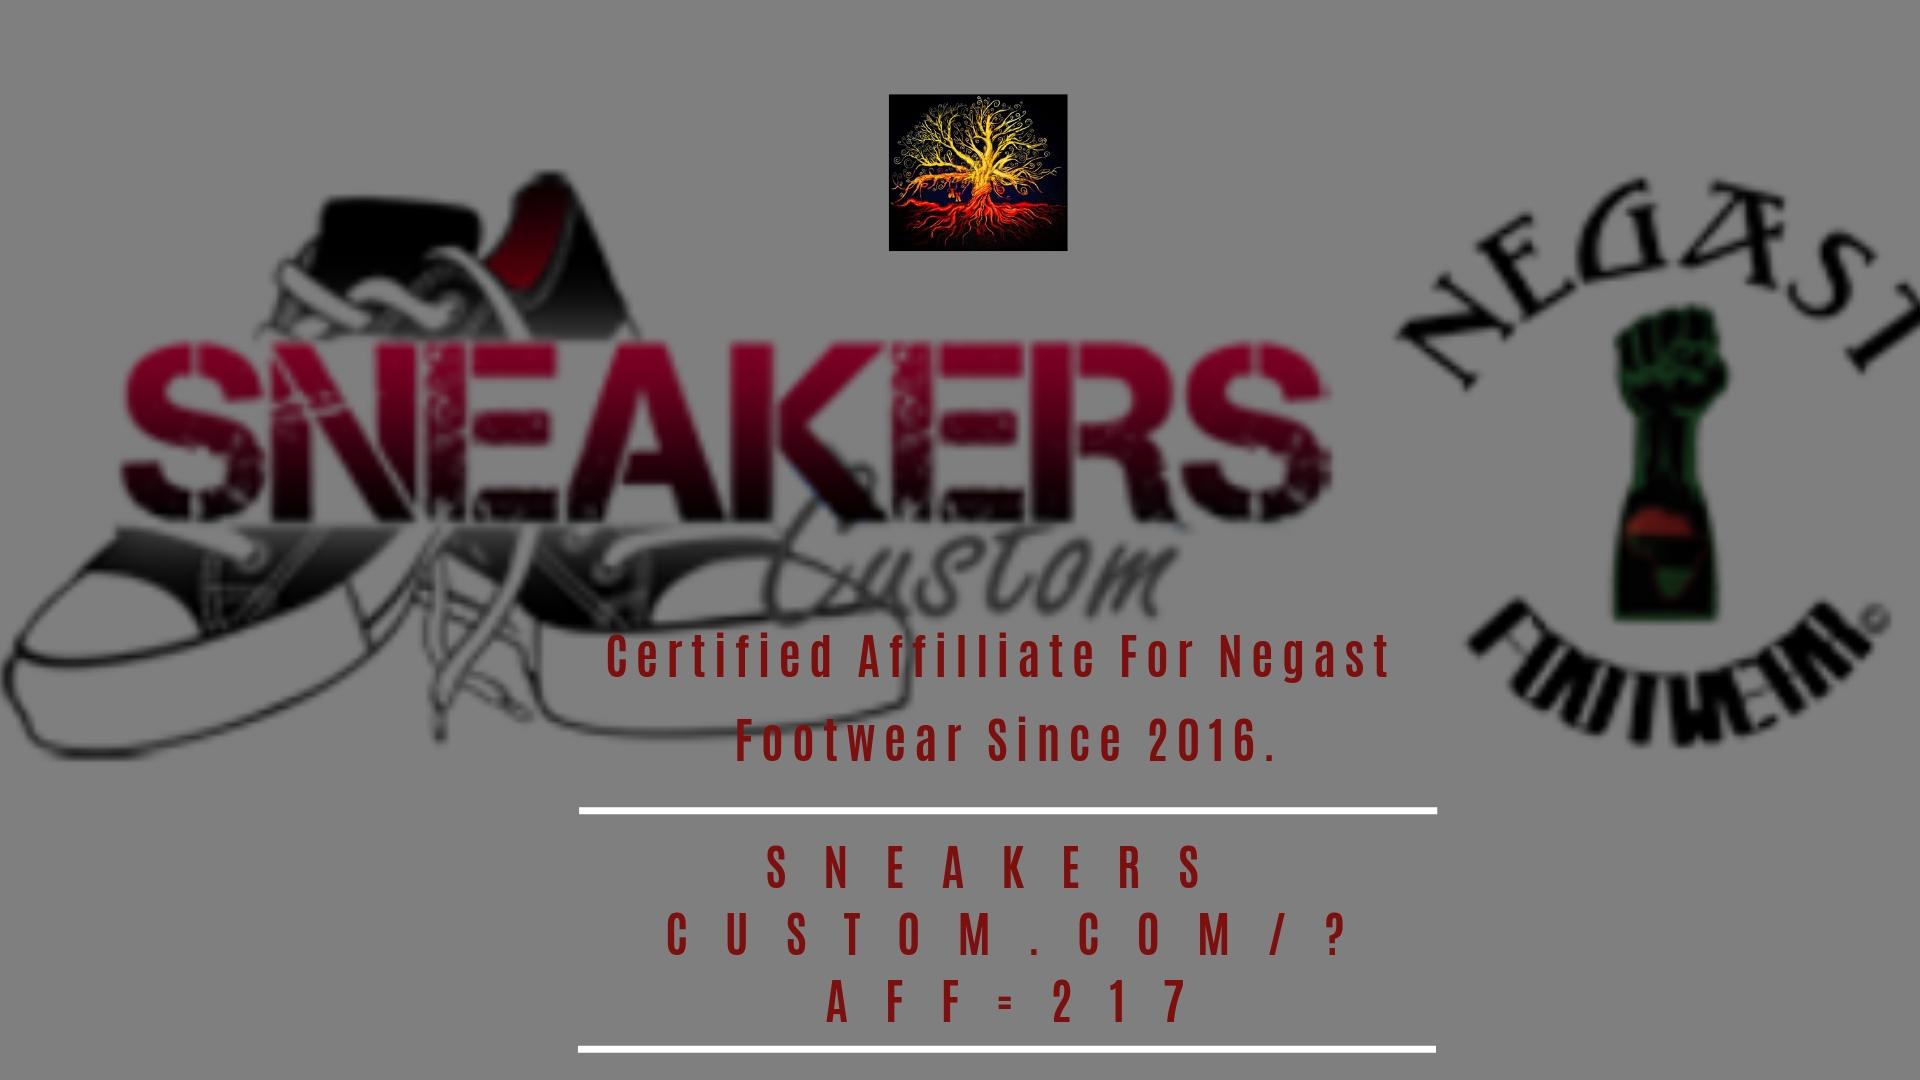 Certified Affilliate For Negast Footwear Since 2016.